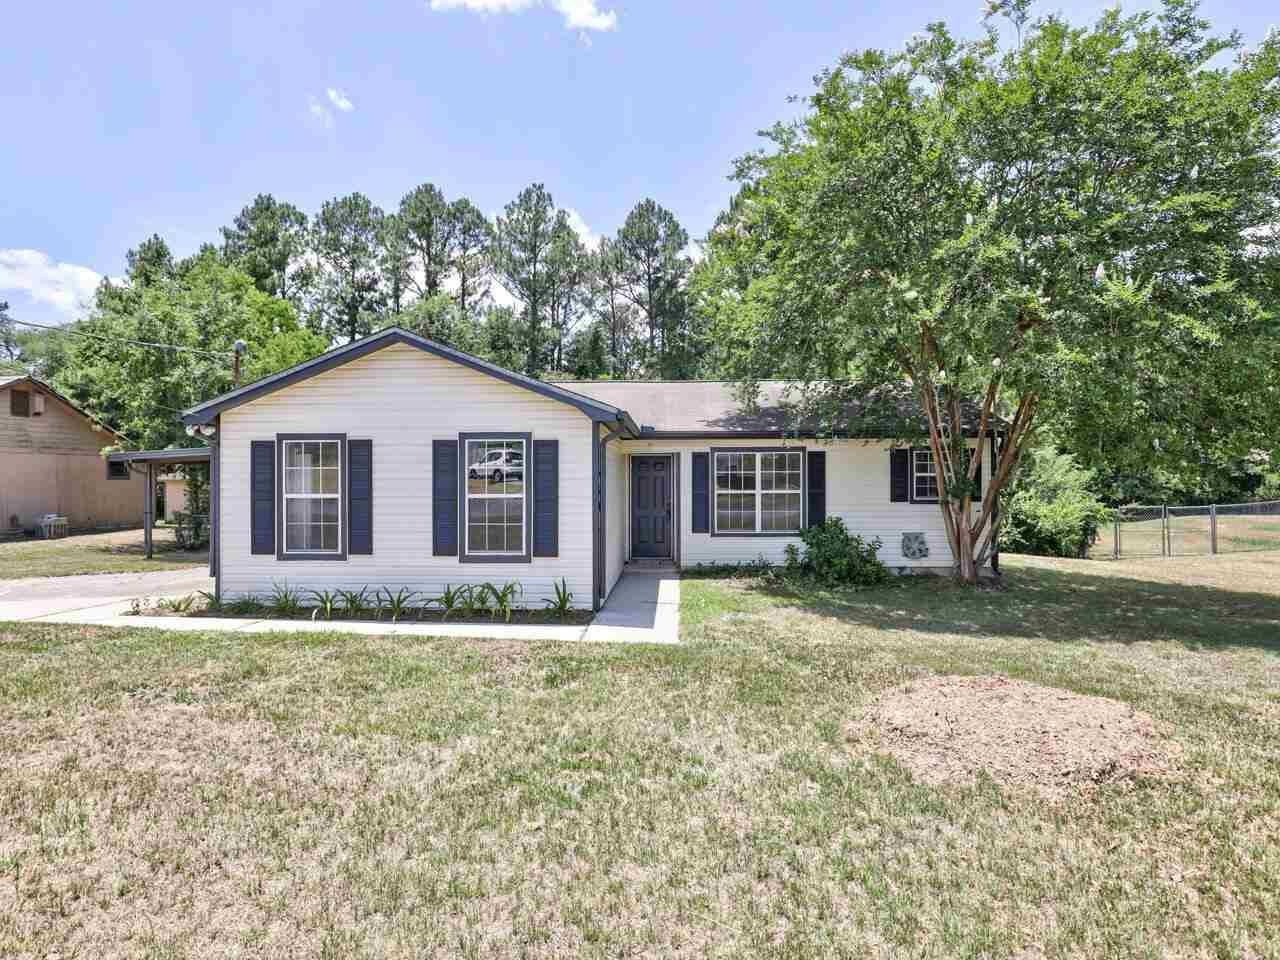 Photo of 7252 Newfield Drive, TALLAHASSEE, FL 32303 (MLS # 333438)